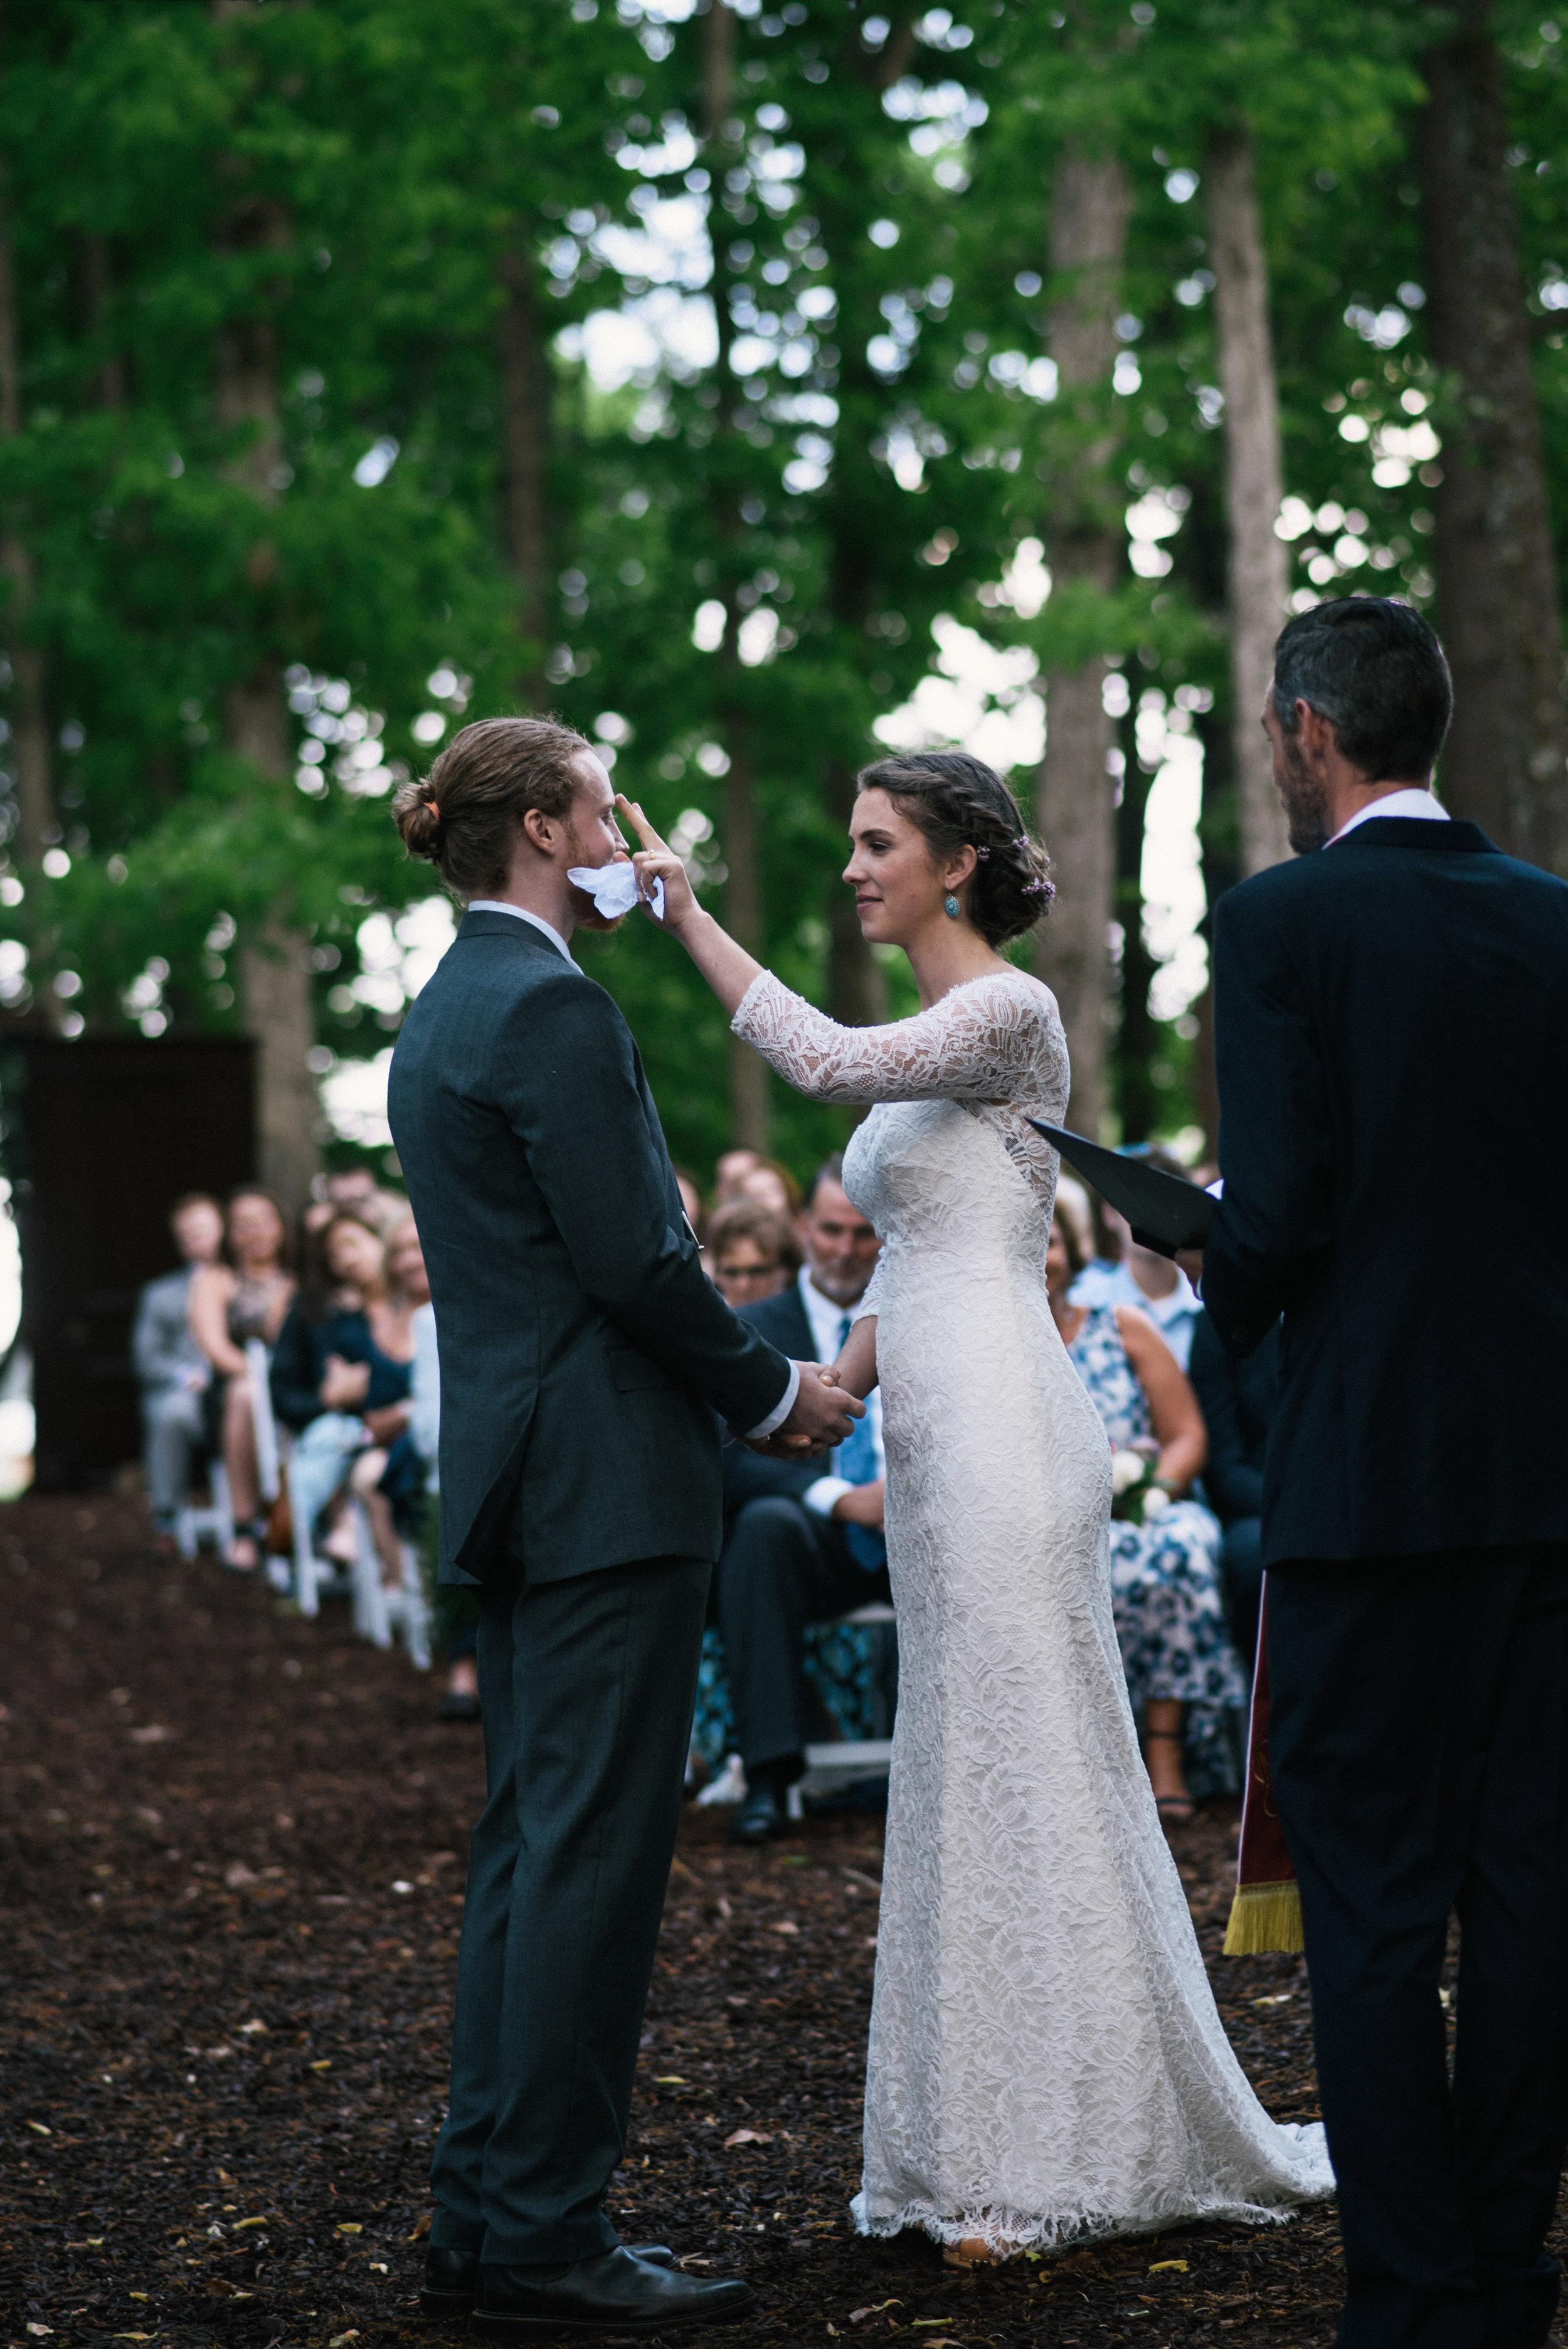 raleigh-elopement-photographer-raleigh-durham-wedding-maddie-and-devin- (112 of 162).jpg